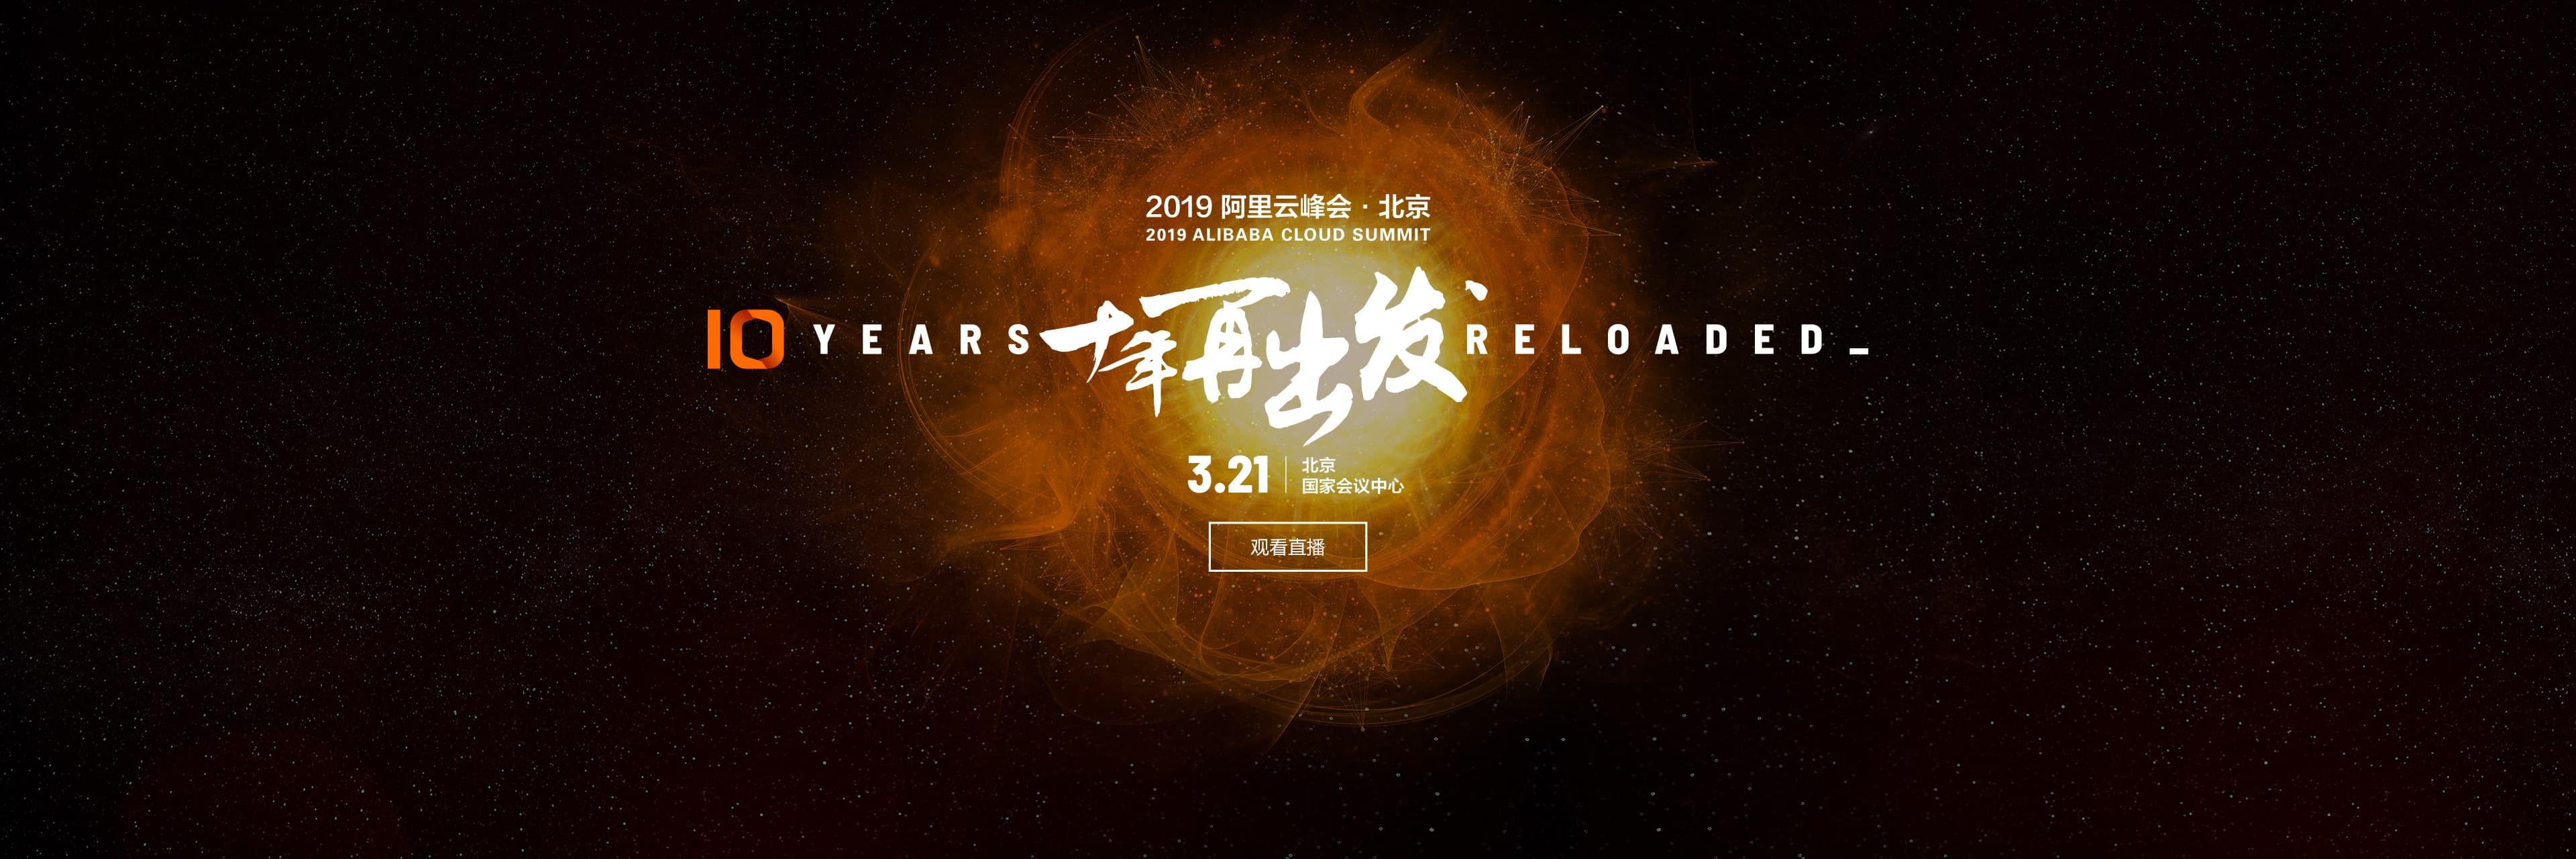 2019阿里云智能峰会 · 北京站直播地址